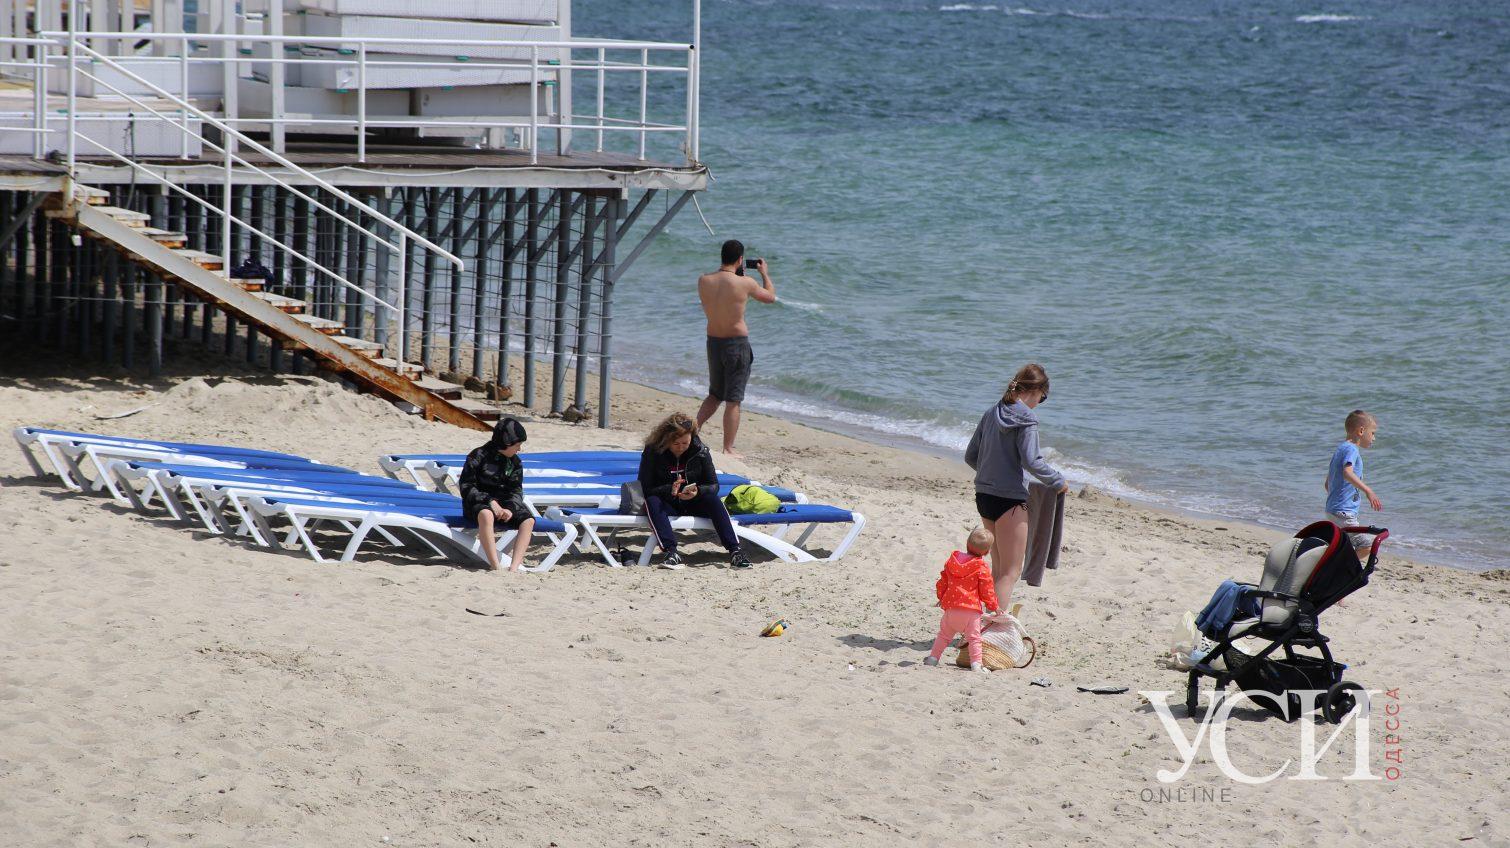 Можно купаться: Минздрав разрешит открыть пляжи «фото»